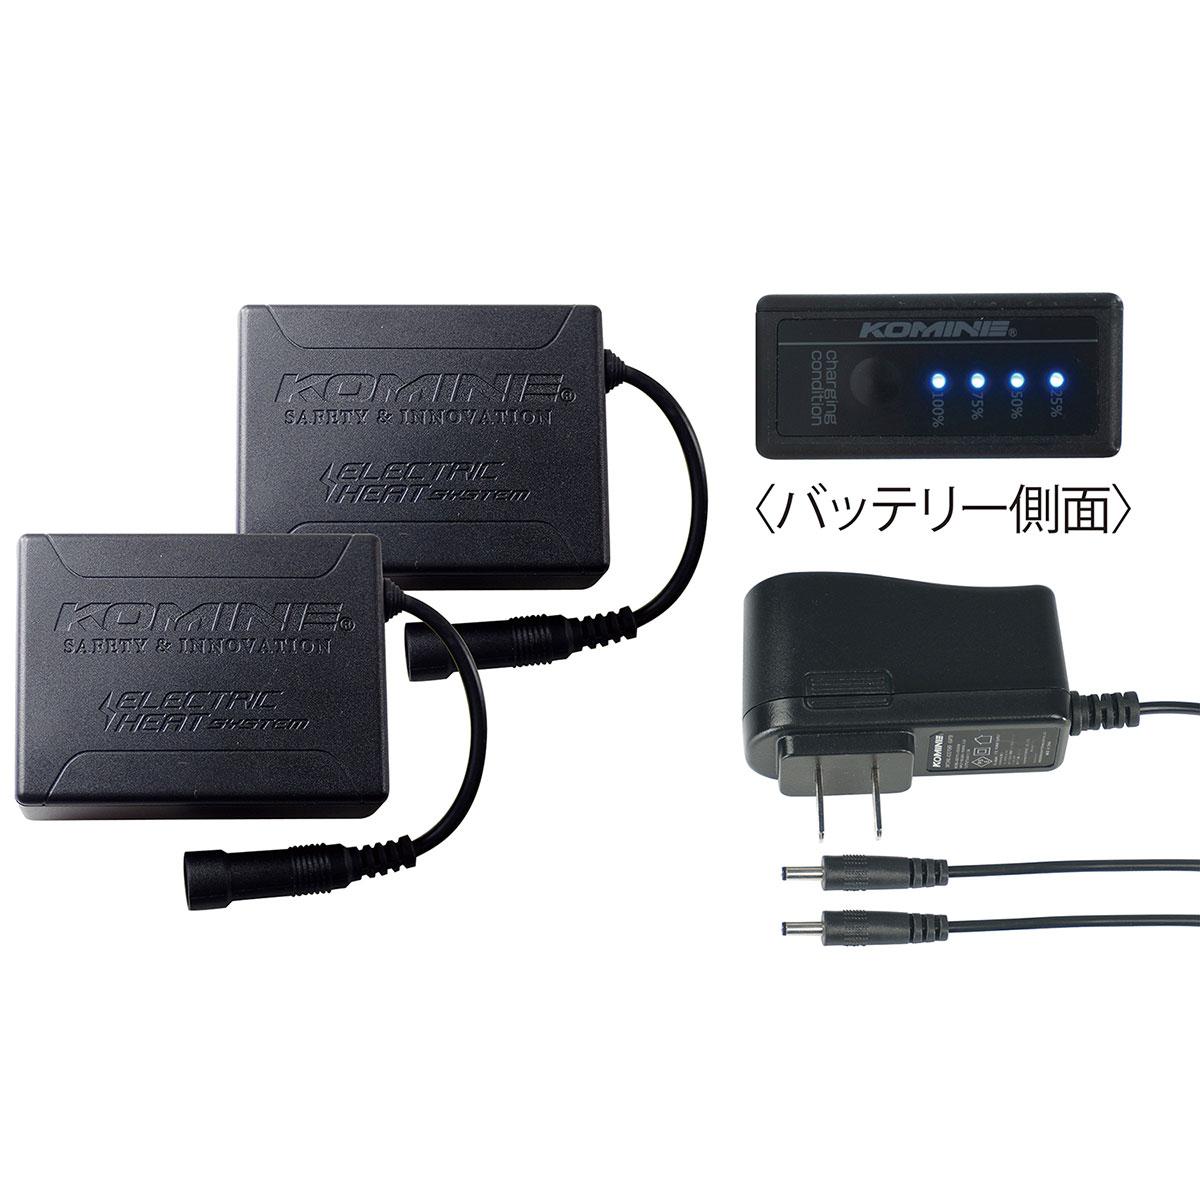 配線不要なバッテリーセット コミネ KOMINE バイク 7.4V 電熱グローブ用セット バッテリー 充電器 バッテリー 09-331 08-207 EK-207